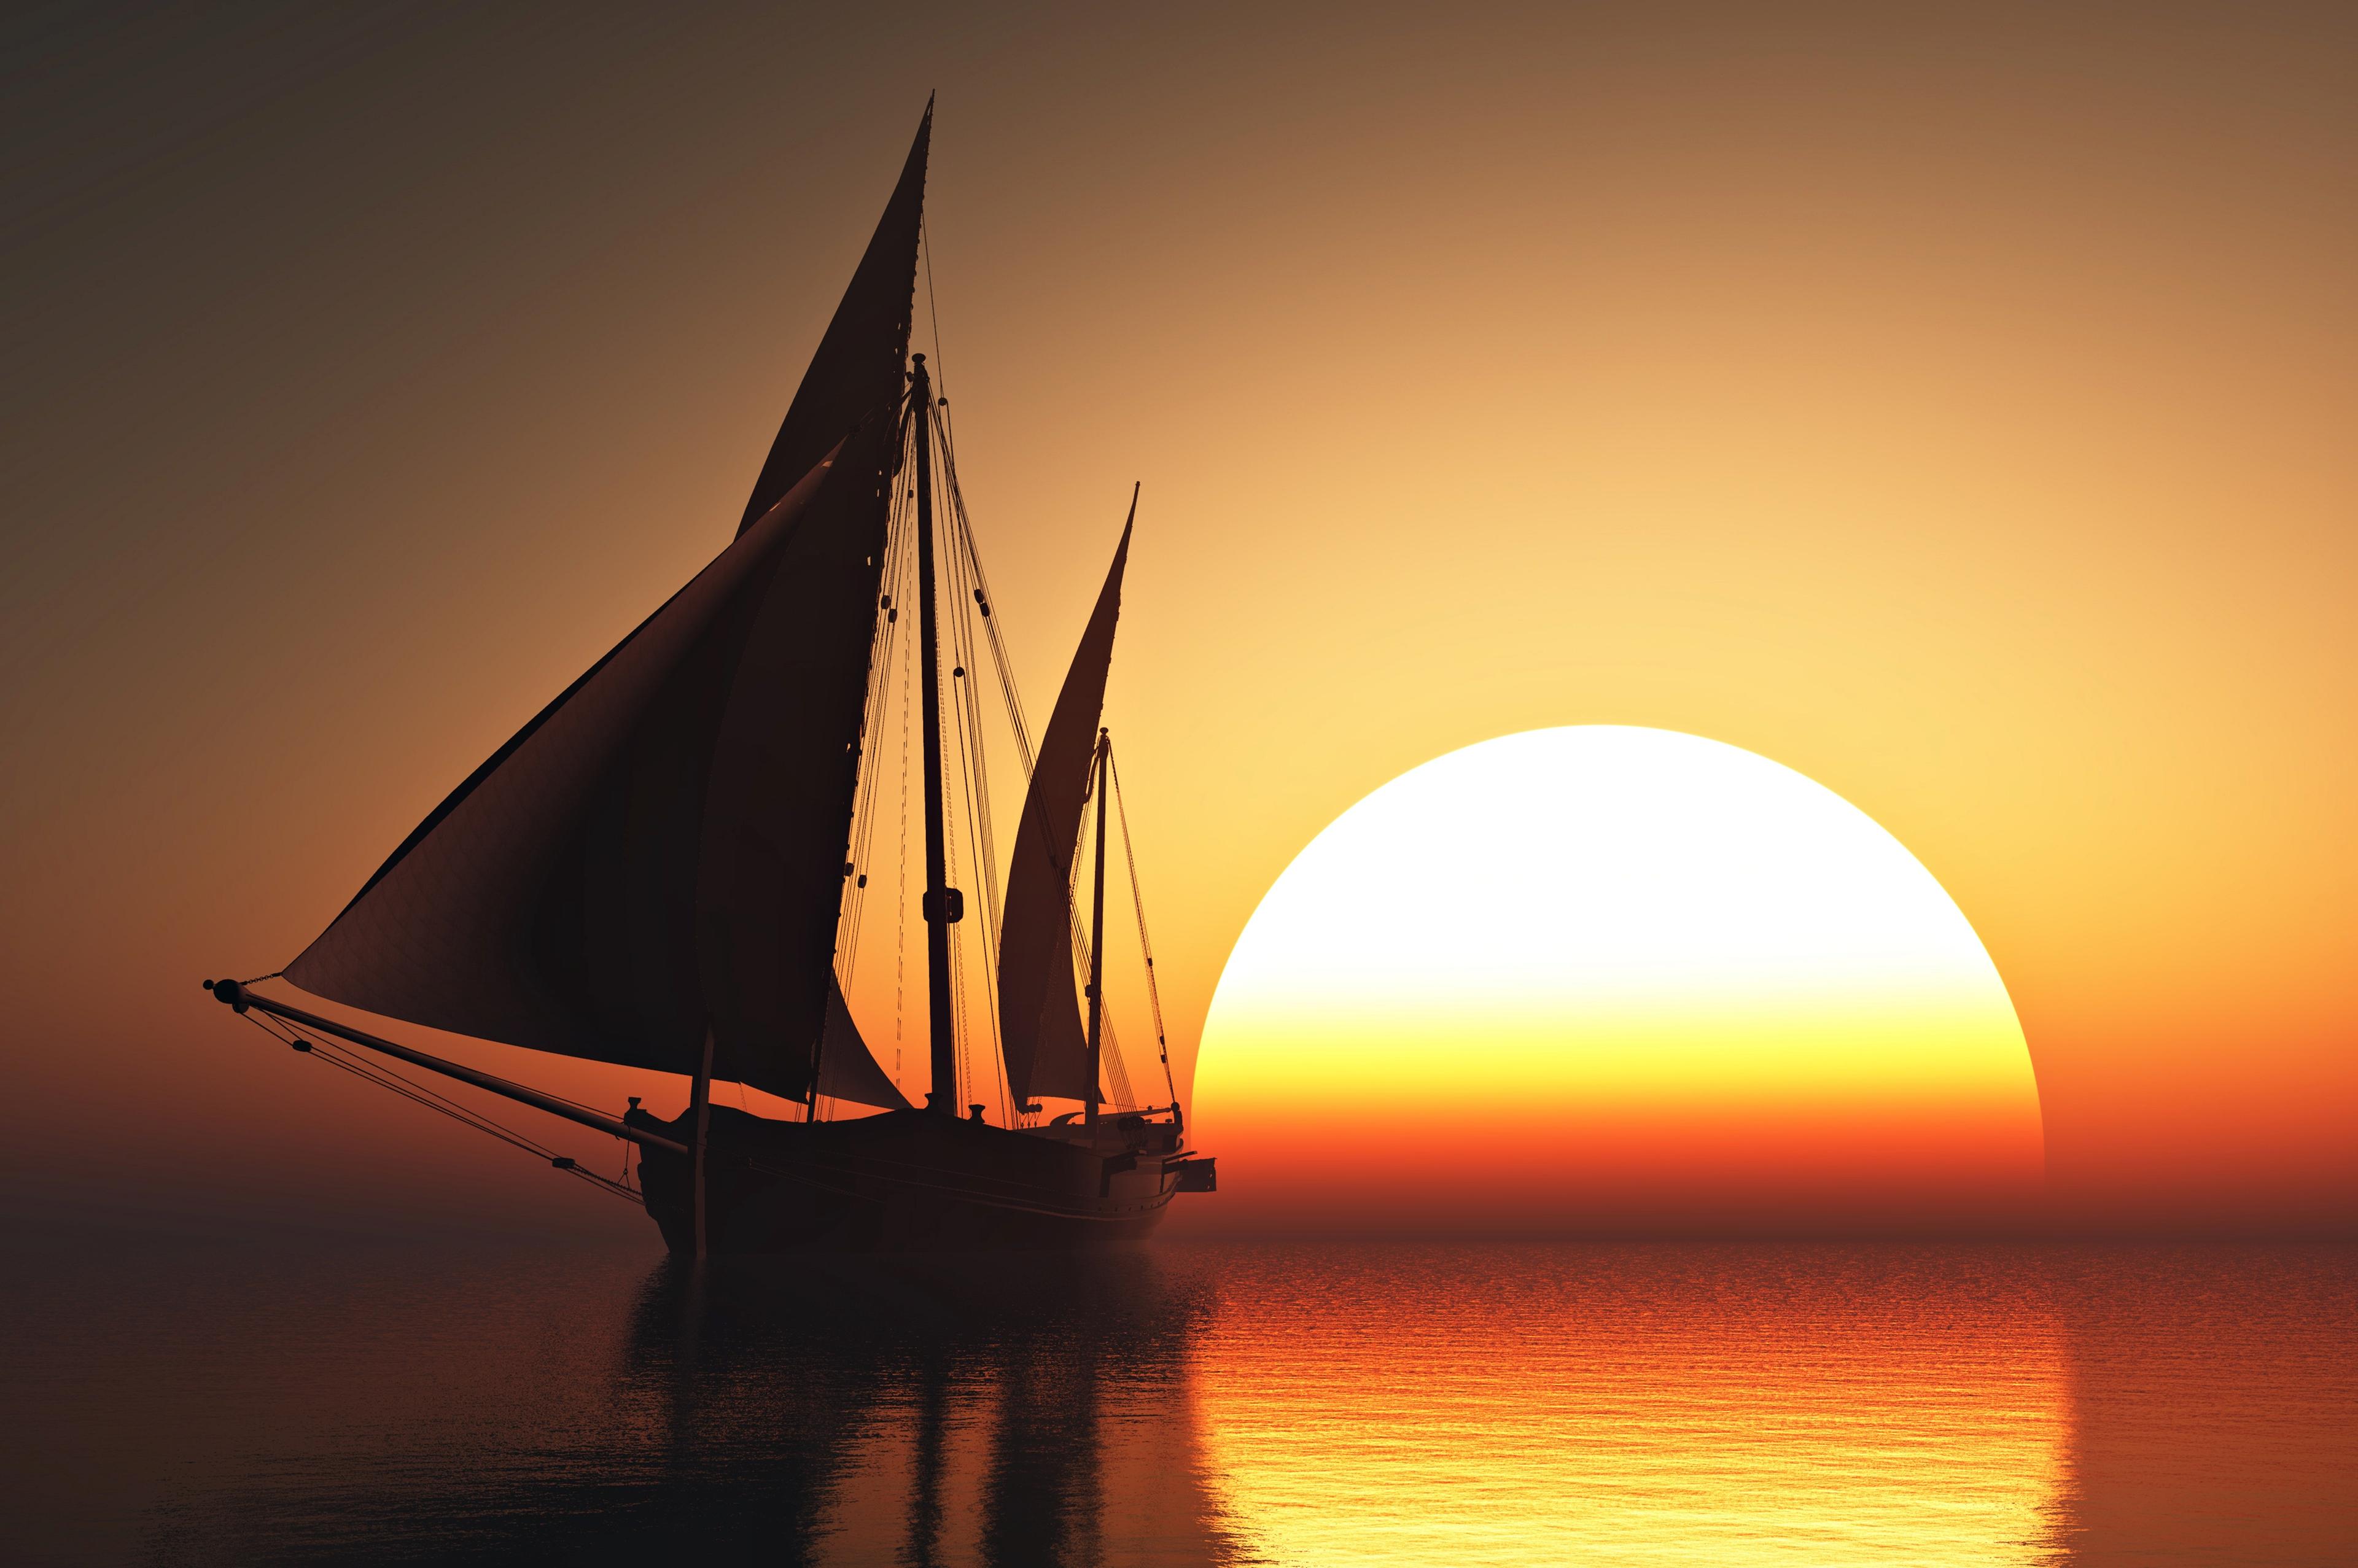 Hình ảnh thuyền buồm bình minh